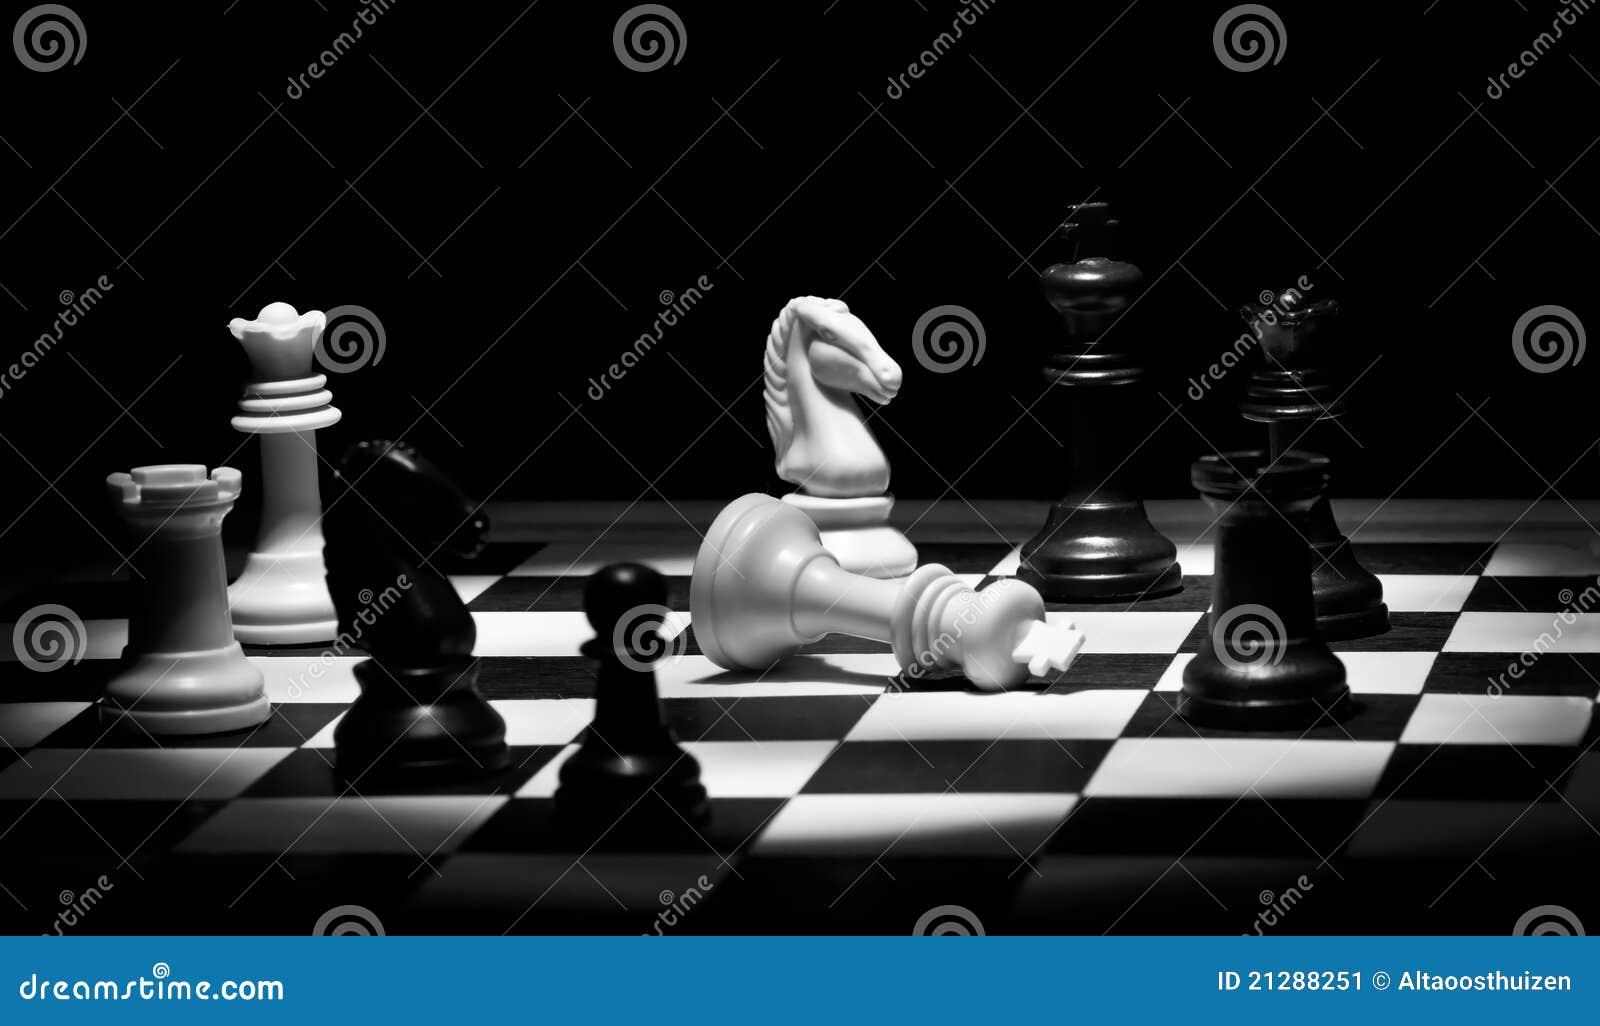 Jogo de xadrez em preto e branco